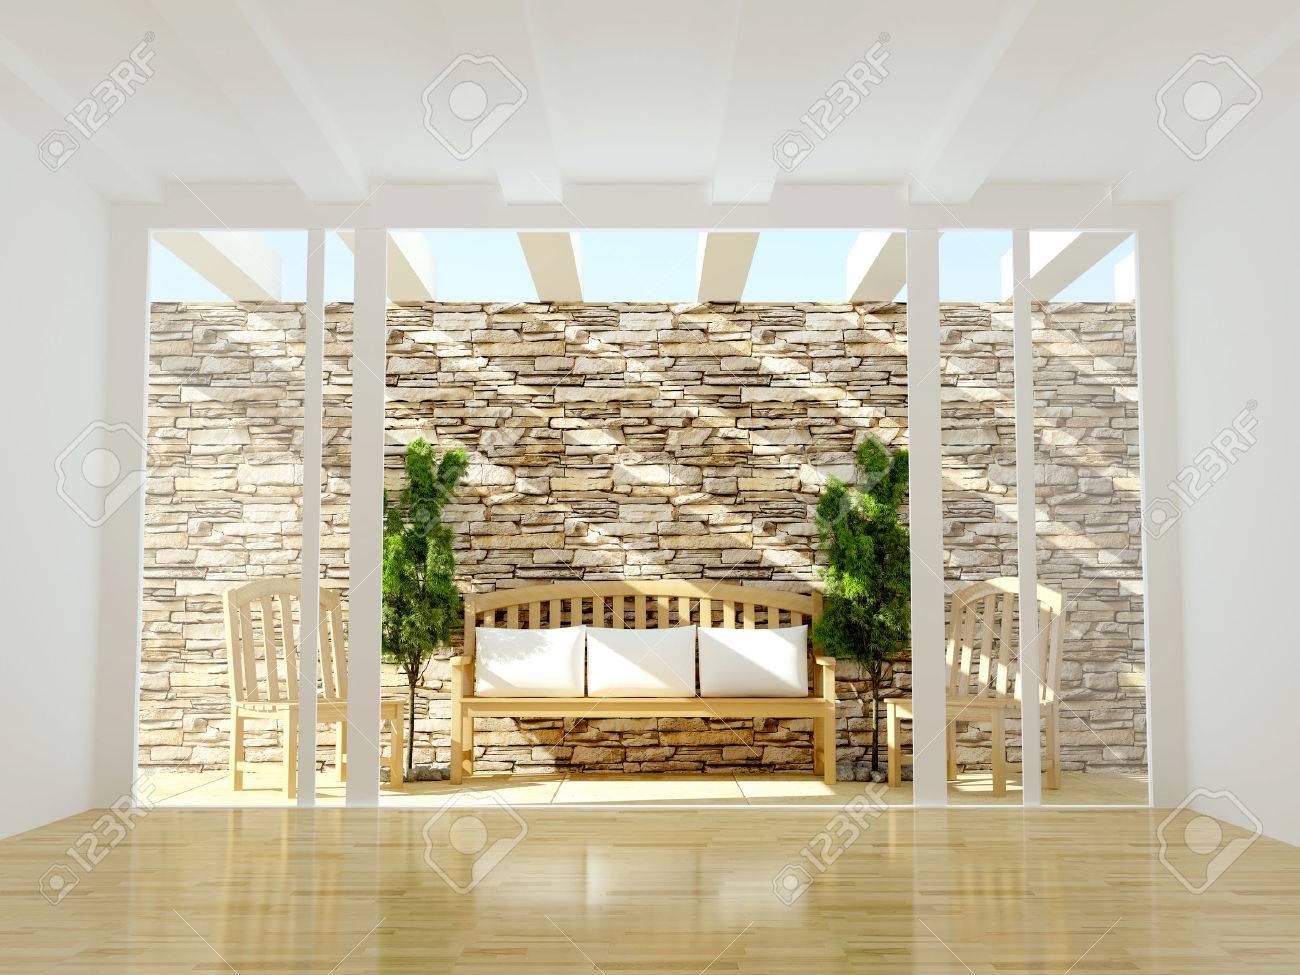 Diseño De Interiores Hermosa Terraza Con Muebles De Madera